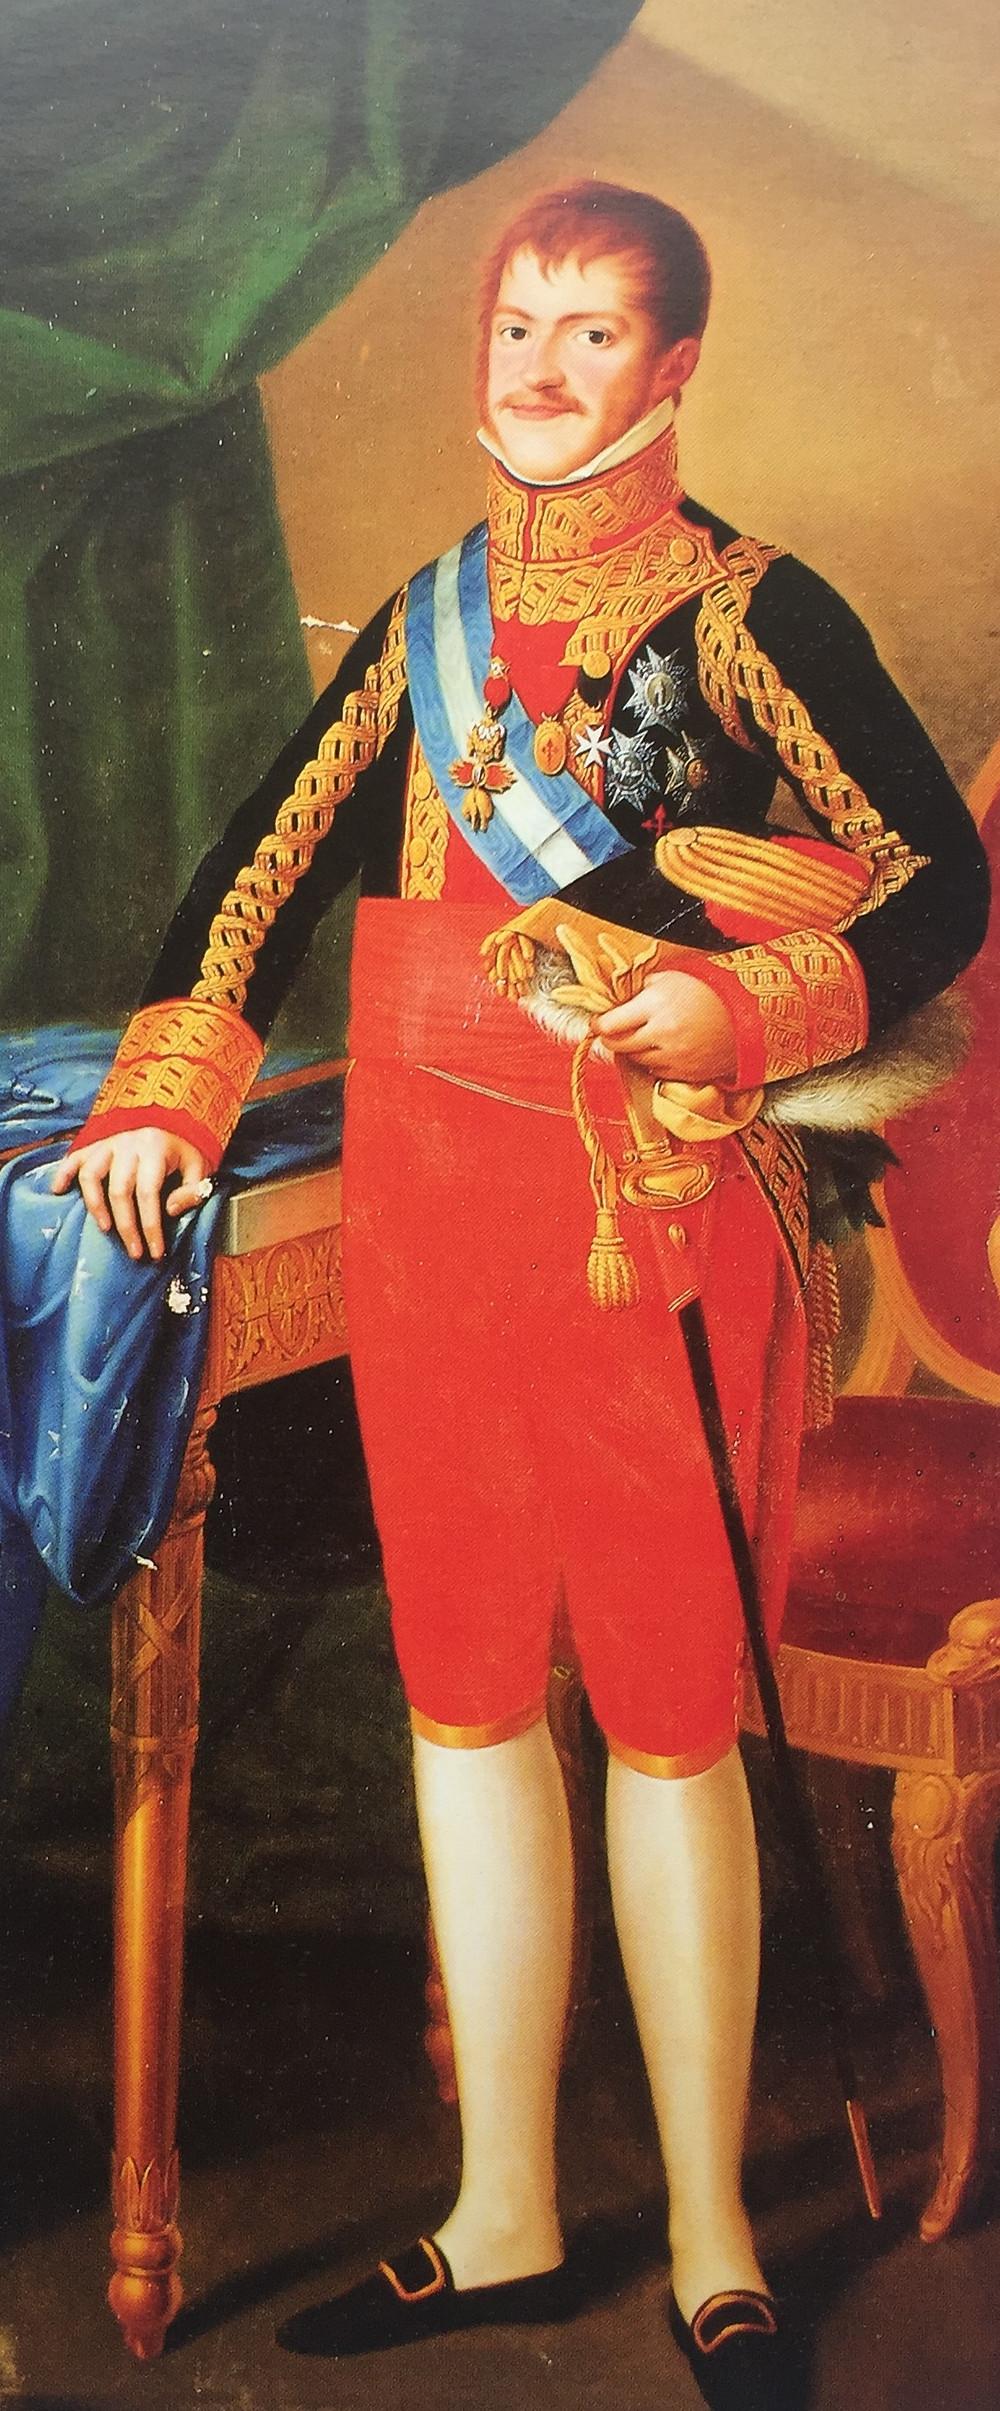 Carlos María Isidro de Borbón, Carlos V